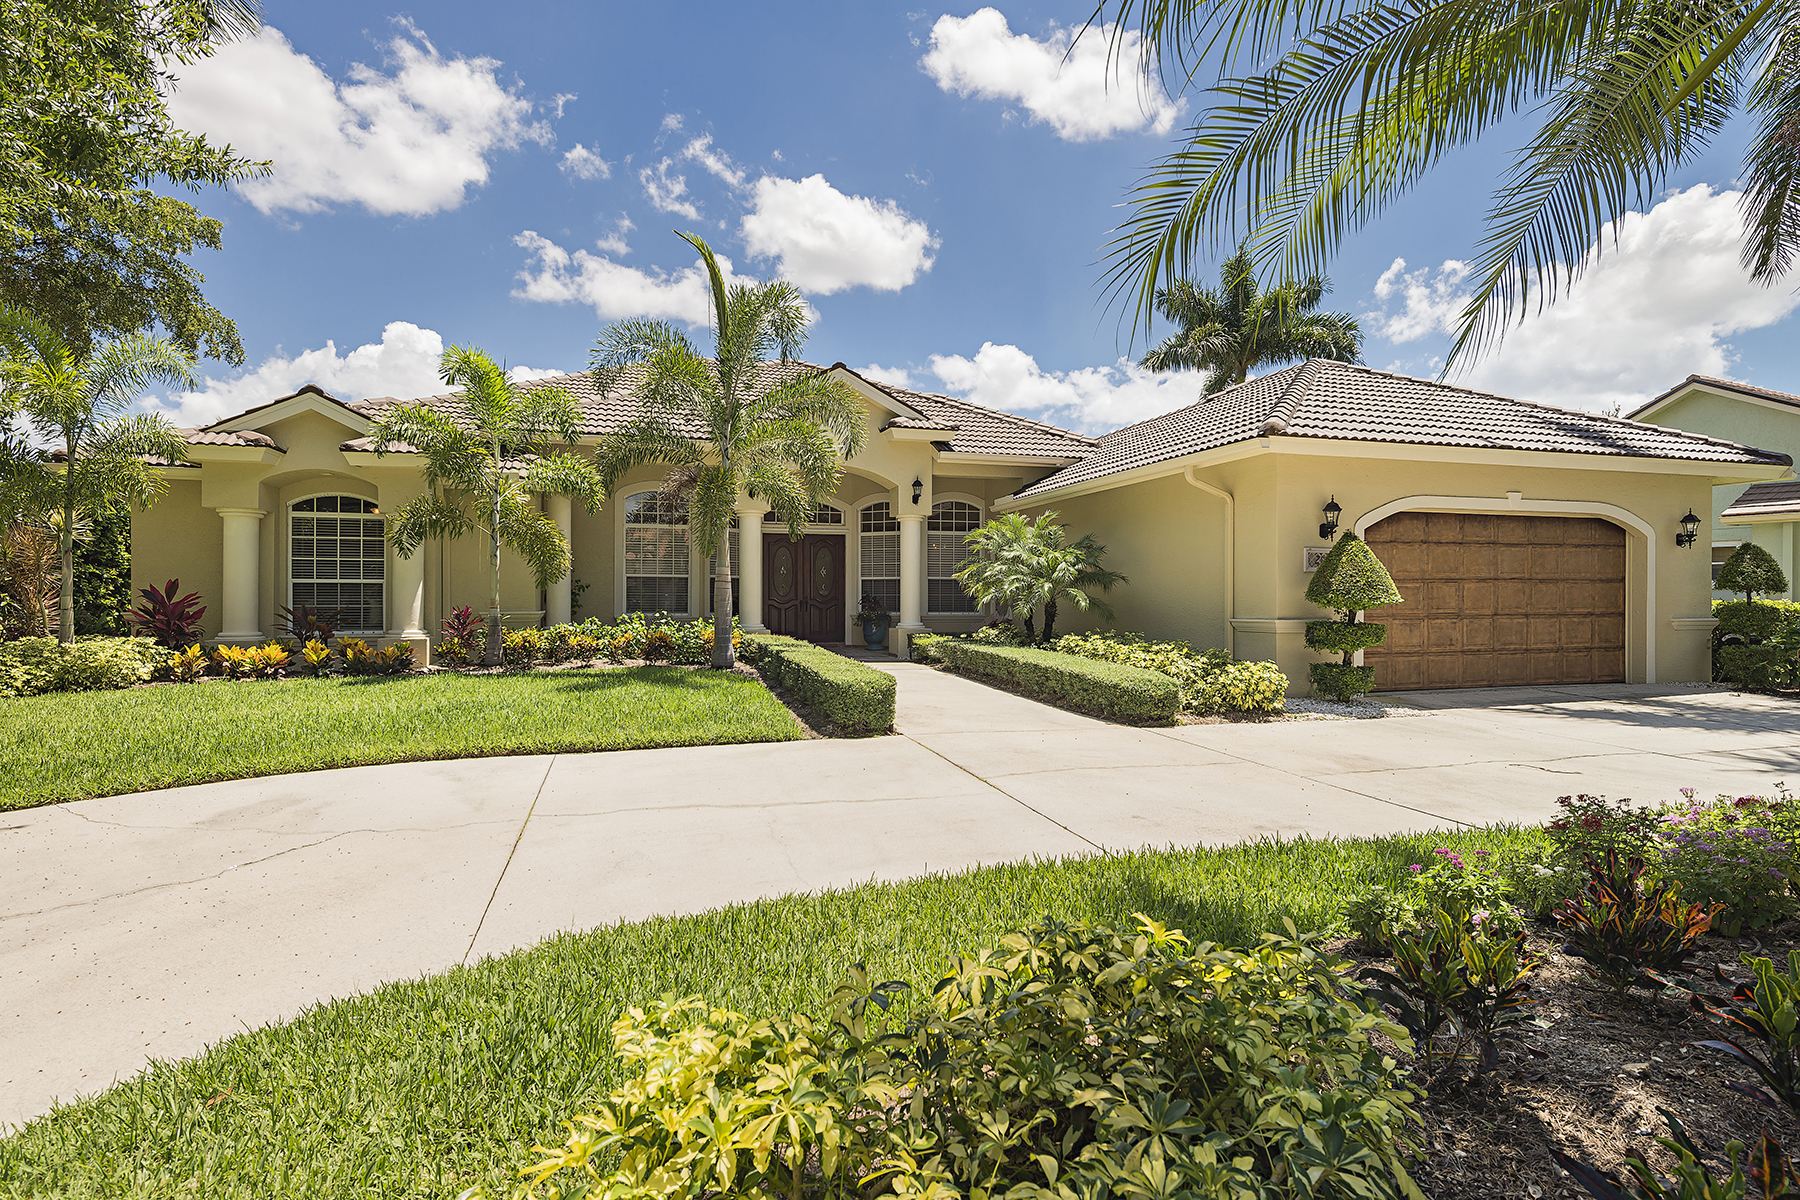 Maison unifamiliale pour l Vente à MONTEREY 2108 Mission Dr Naples, Florida 34109 États-Unis